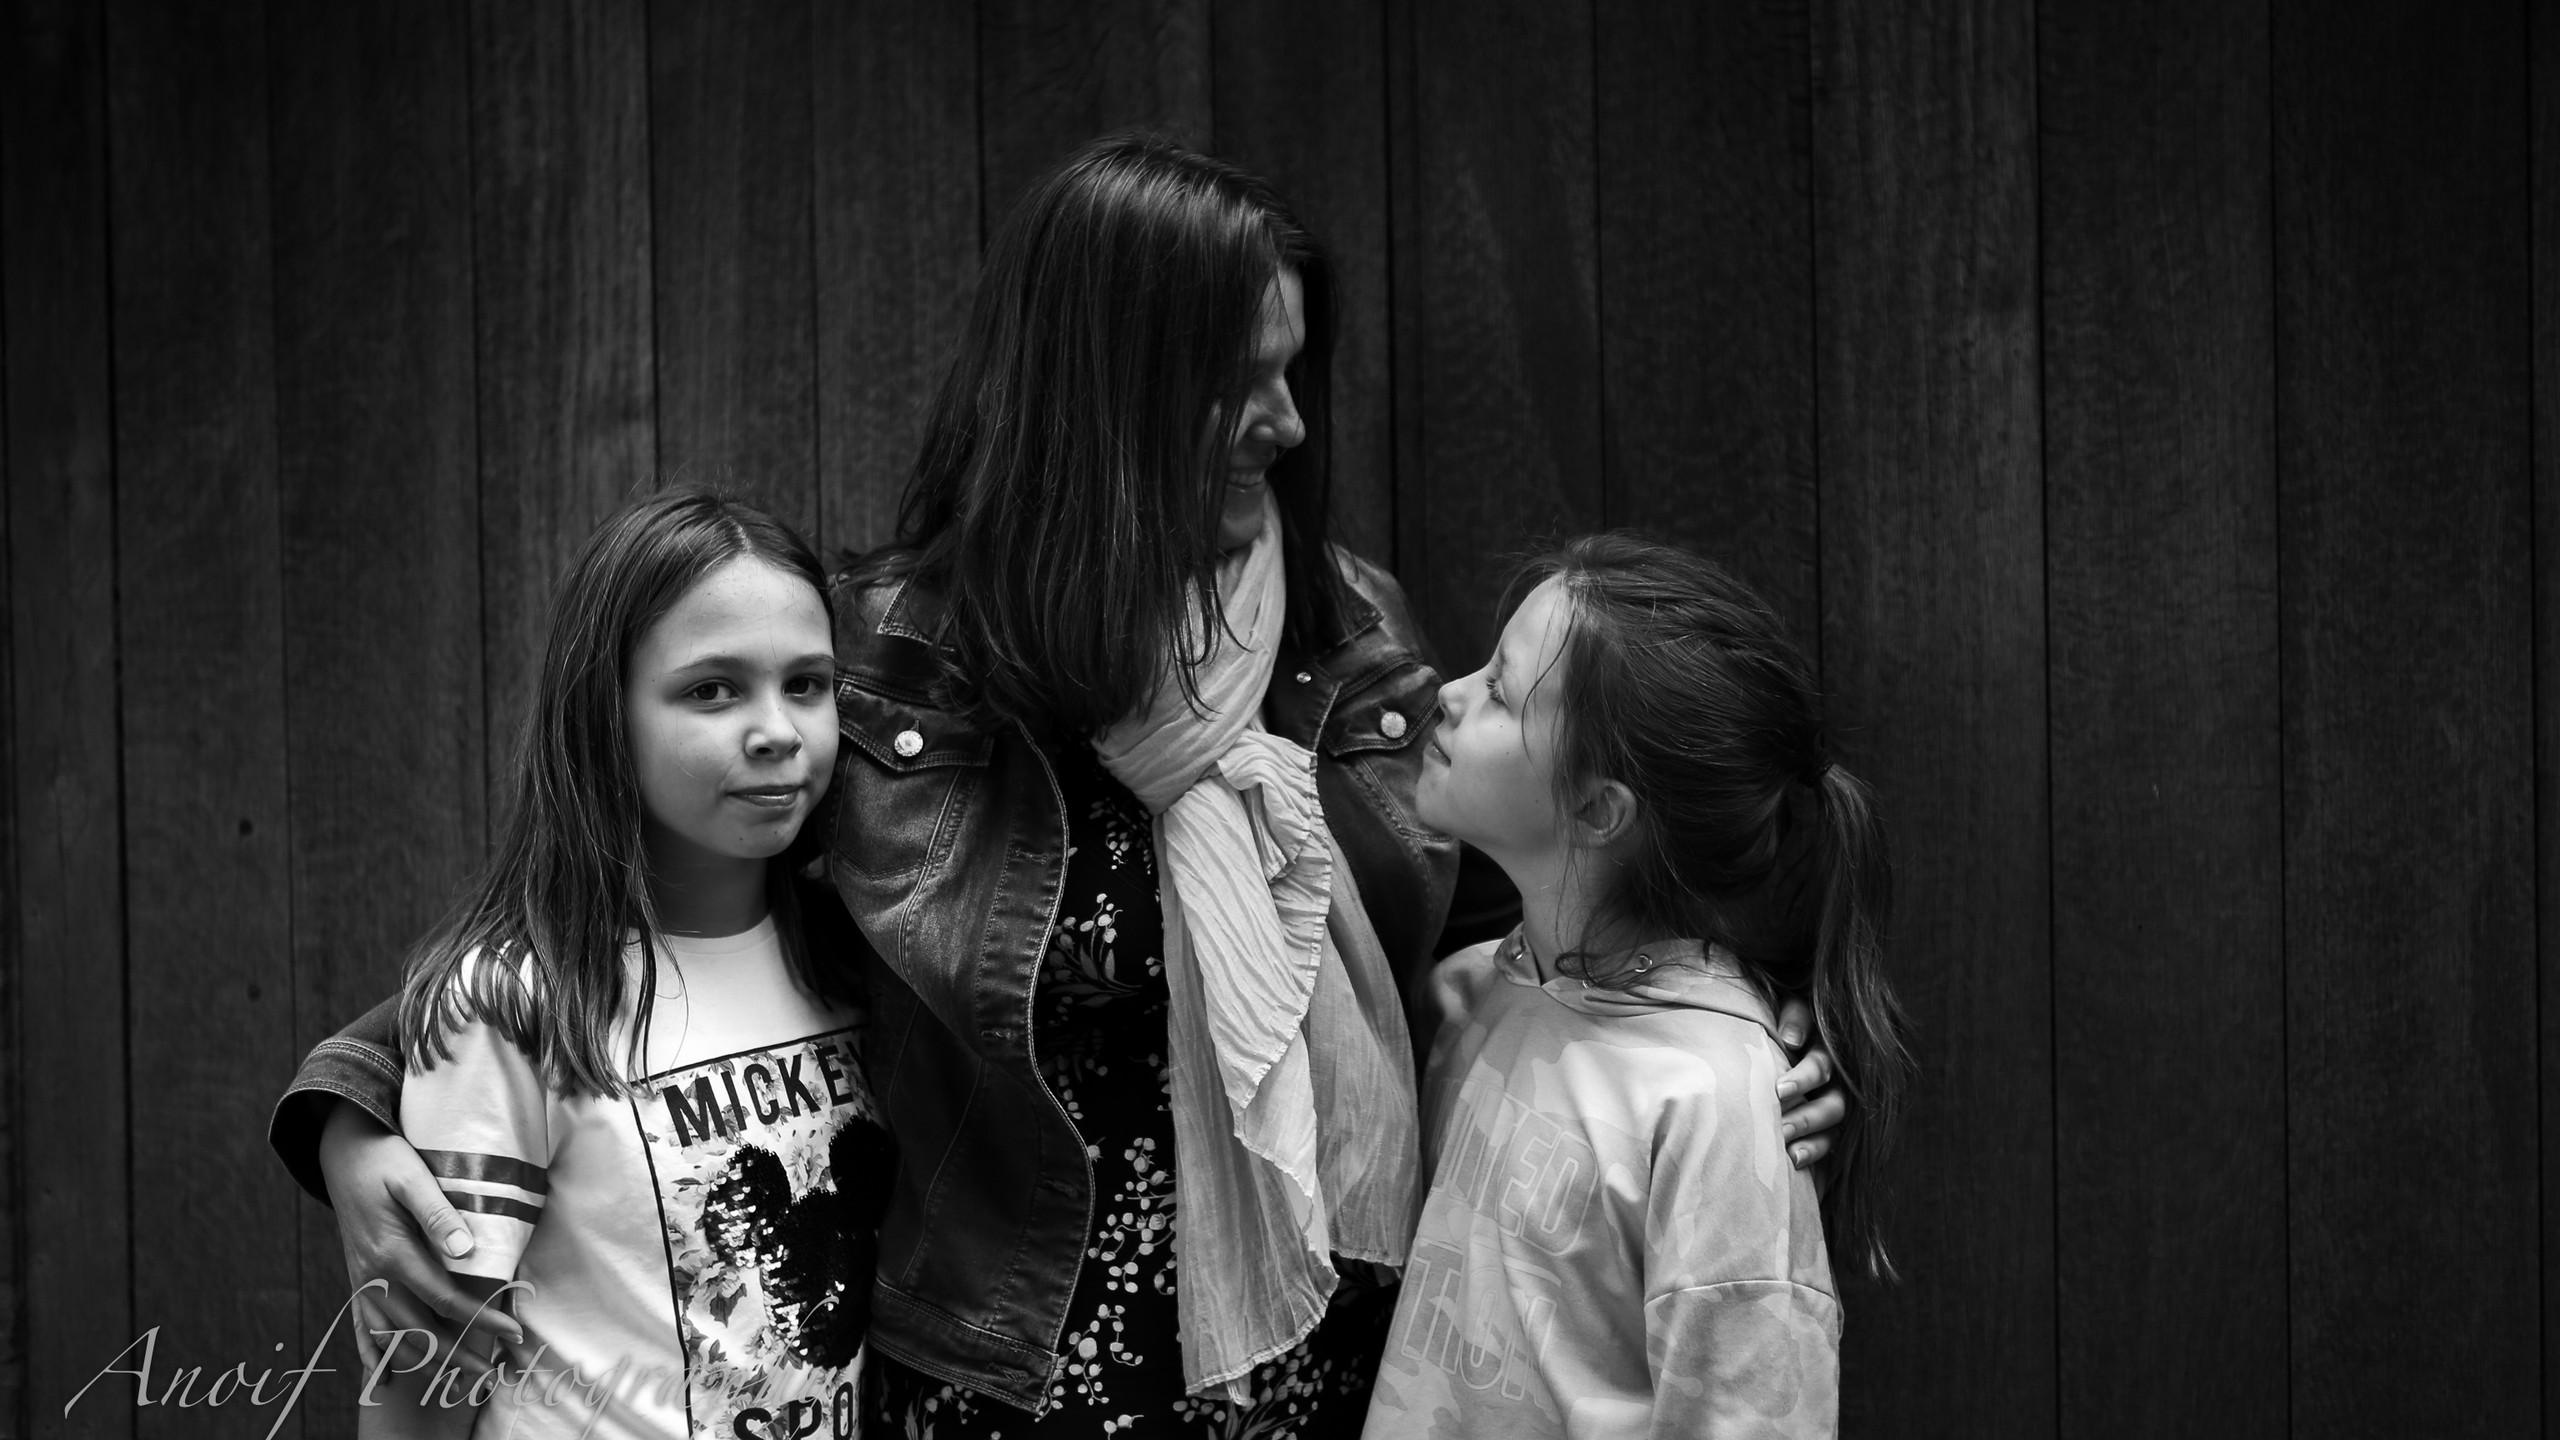 Family in front of wooden doors.